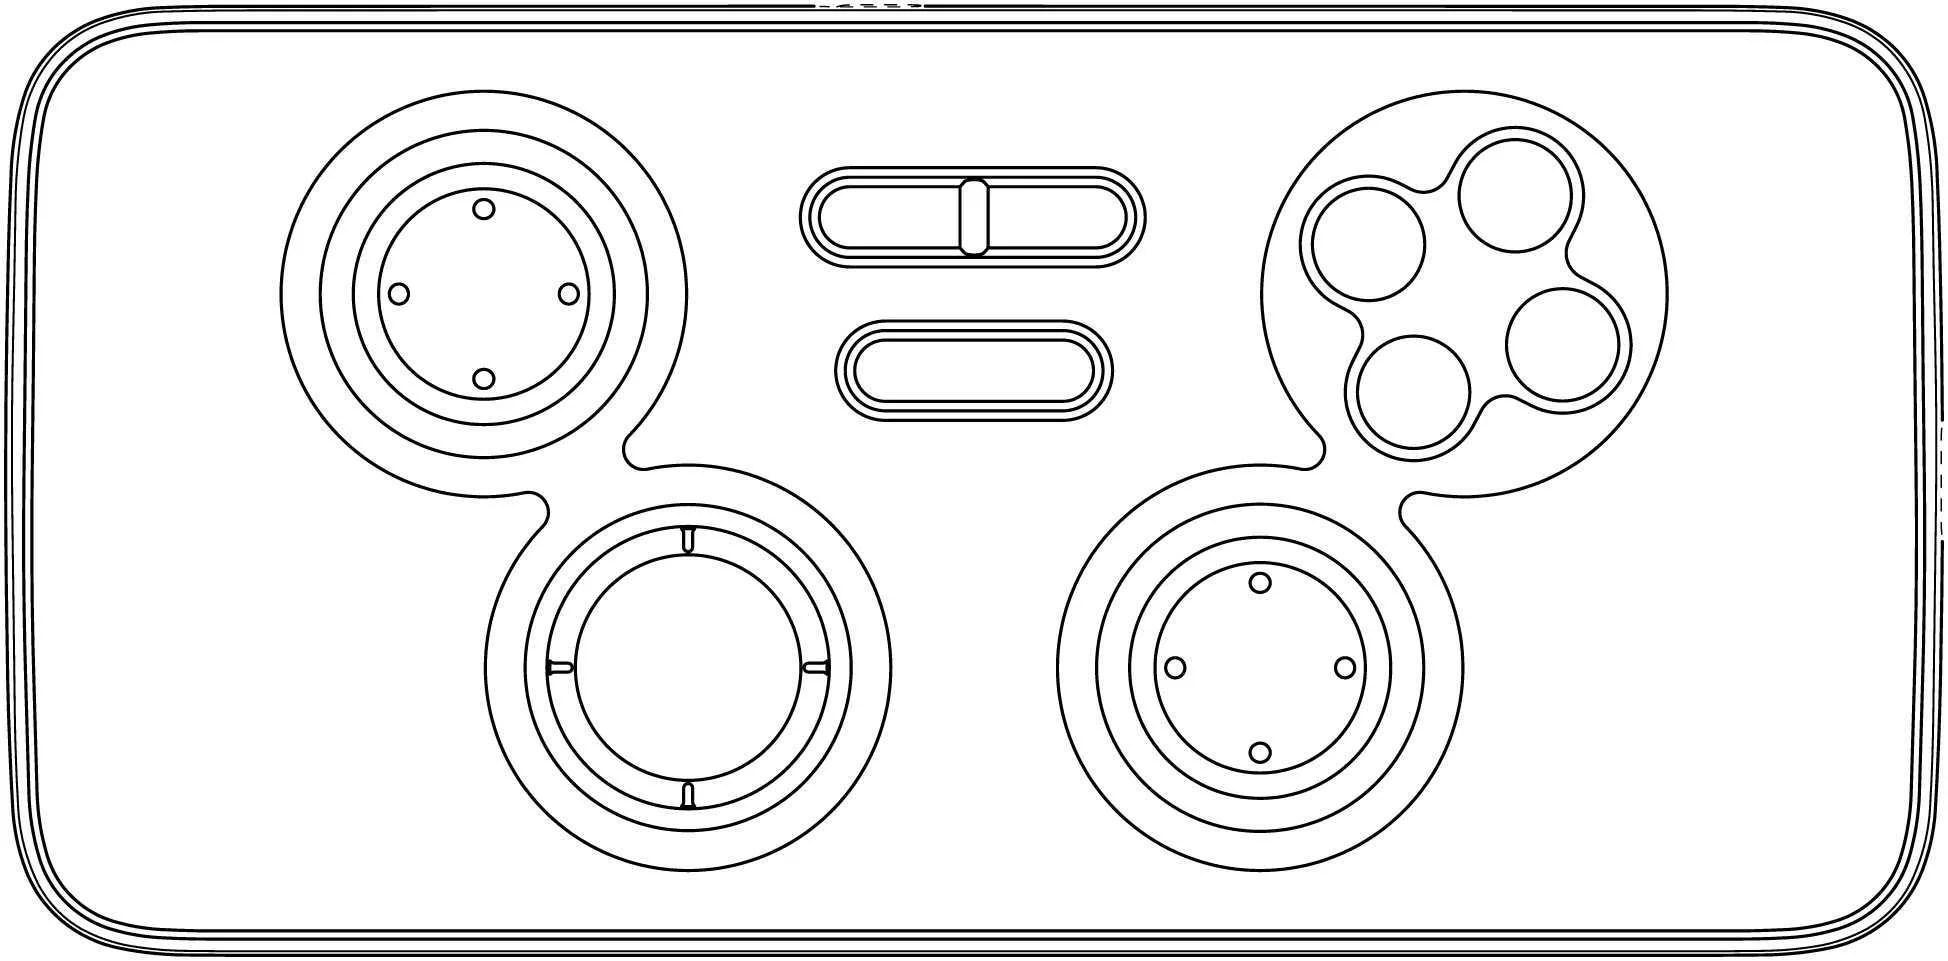 Samsung Arbeitet An Einem Neuen Gamepad